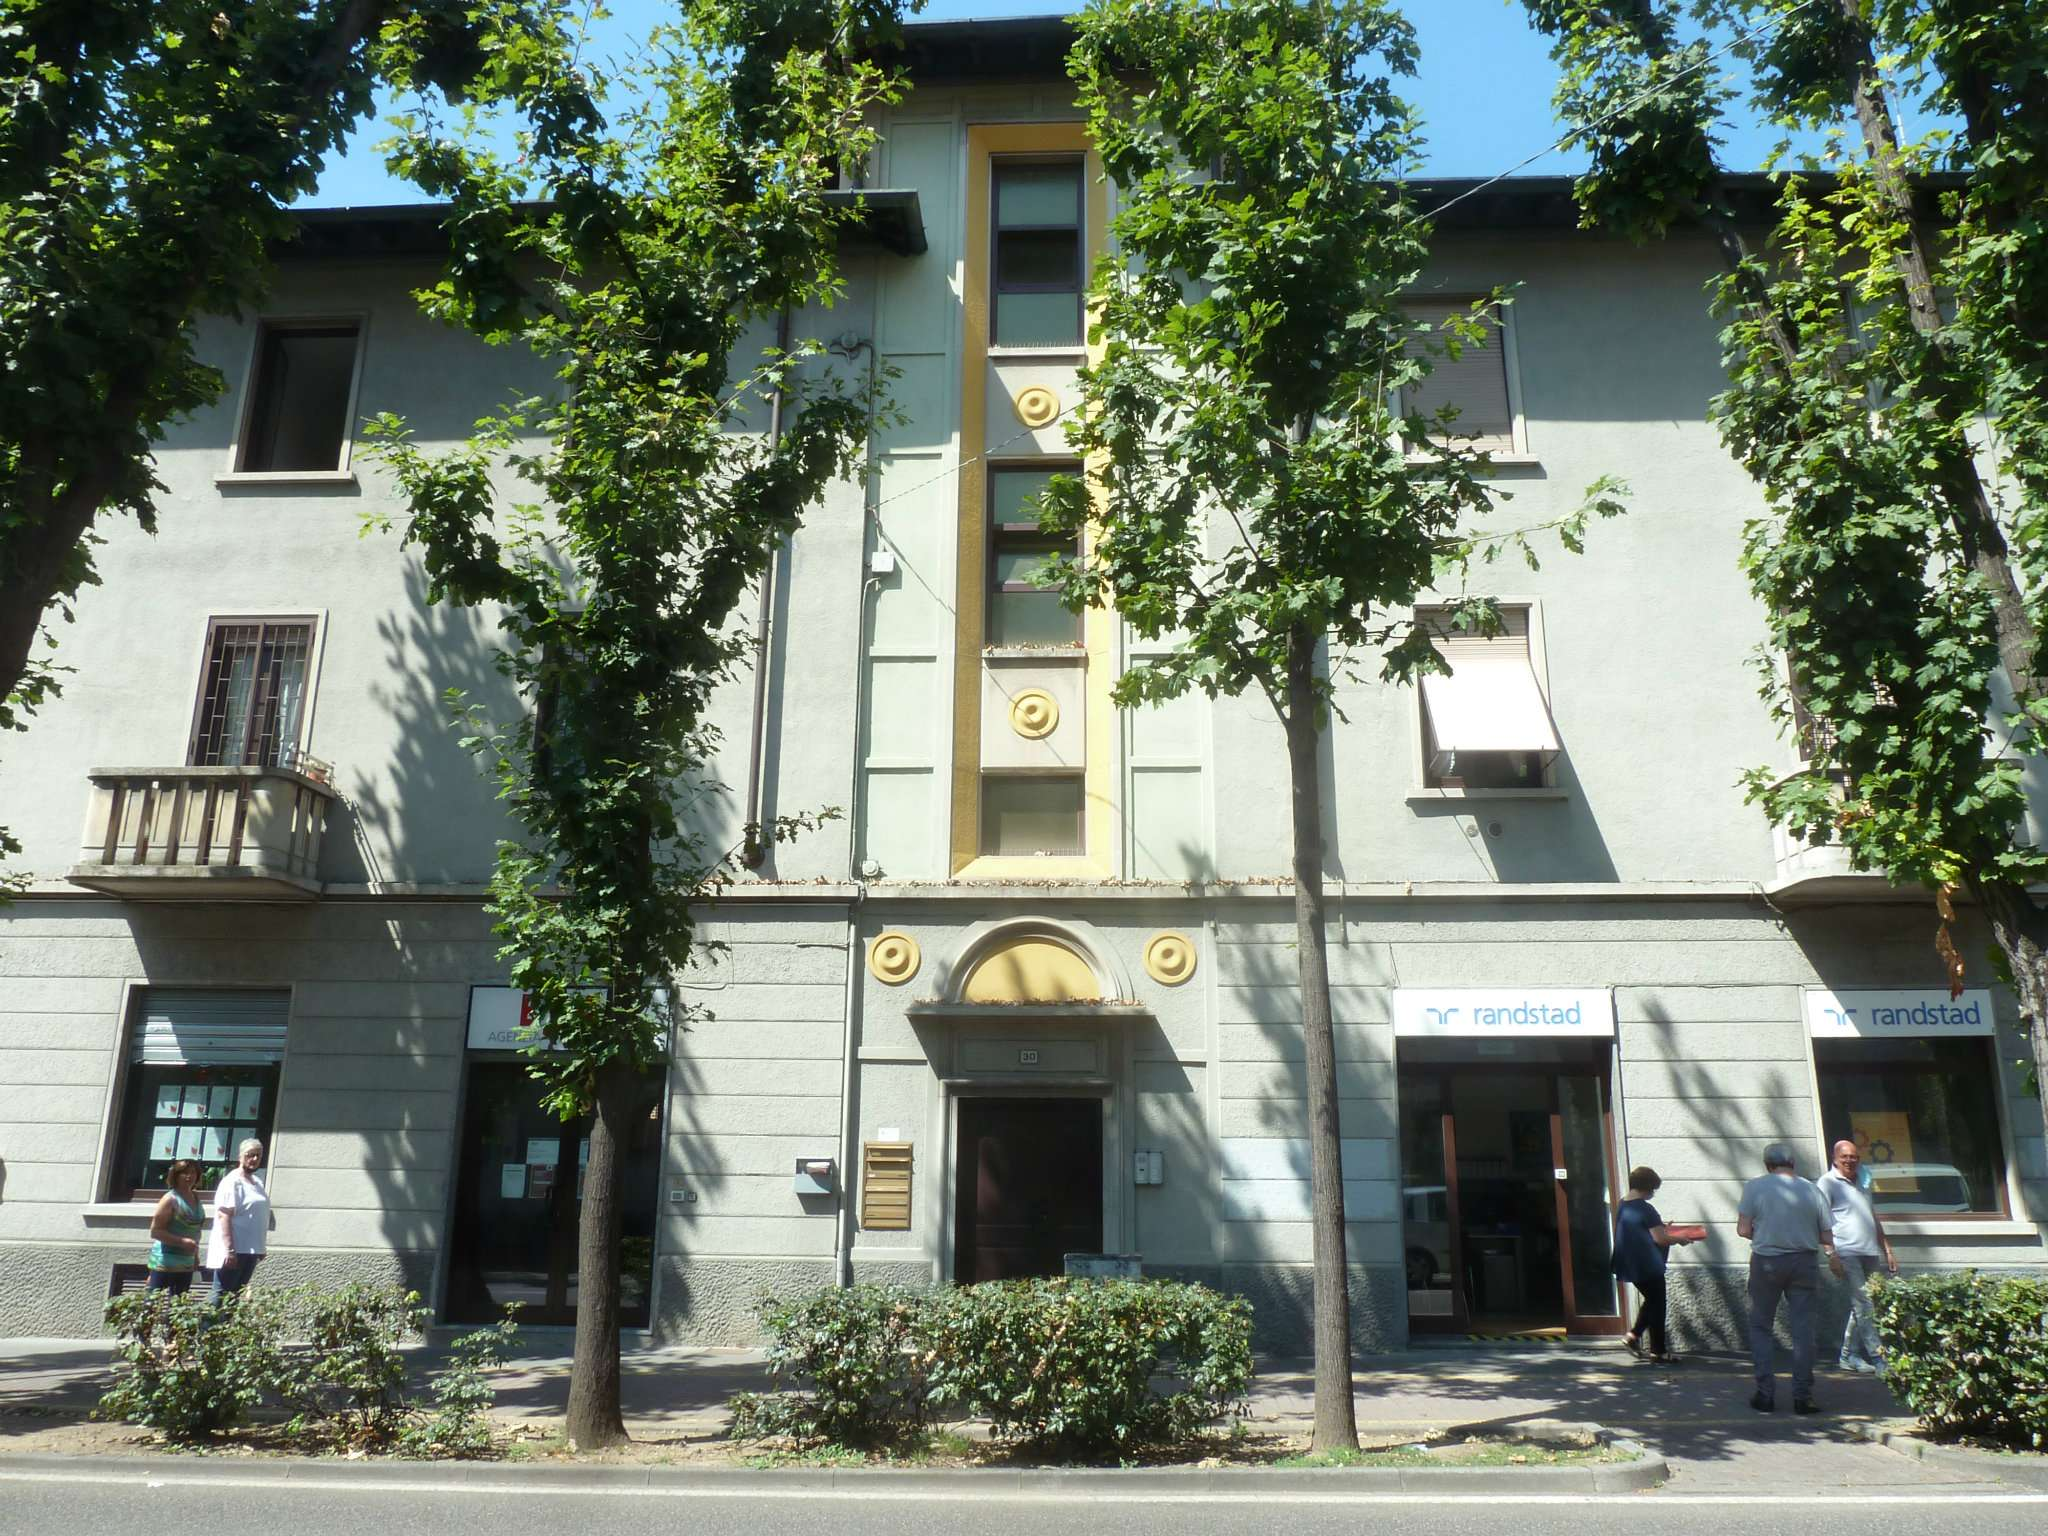 Ufficio / Studio in affitto a Saronno, 3 locali, prezzo € 800   PortaleAgenzieImmobiliari.it